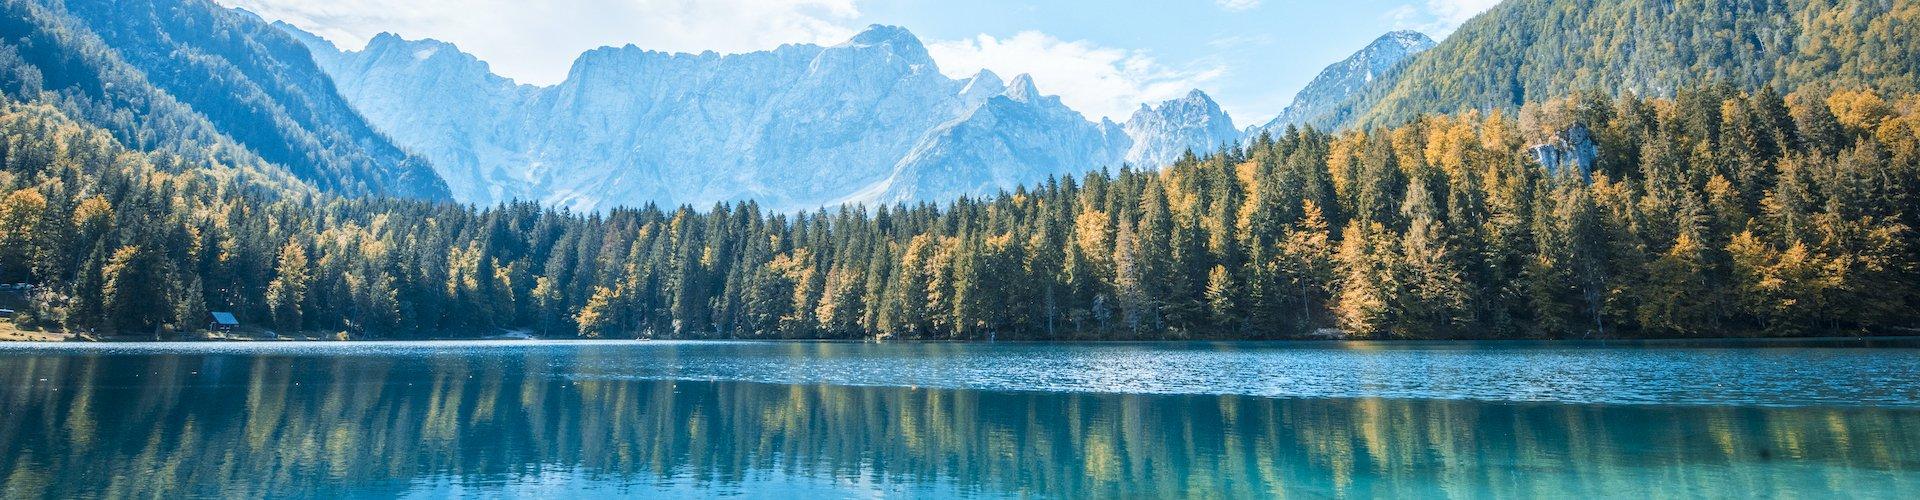 Familienurlaub in Slowenien